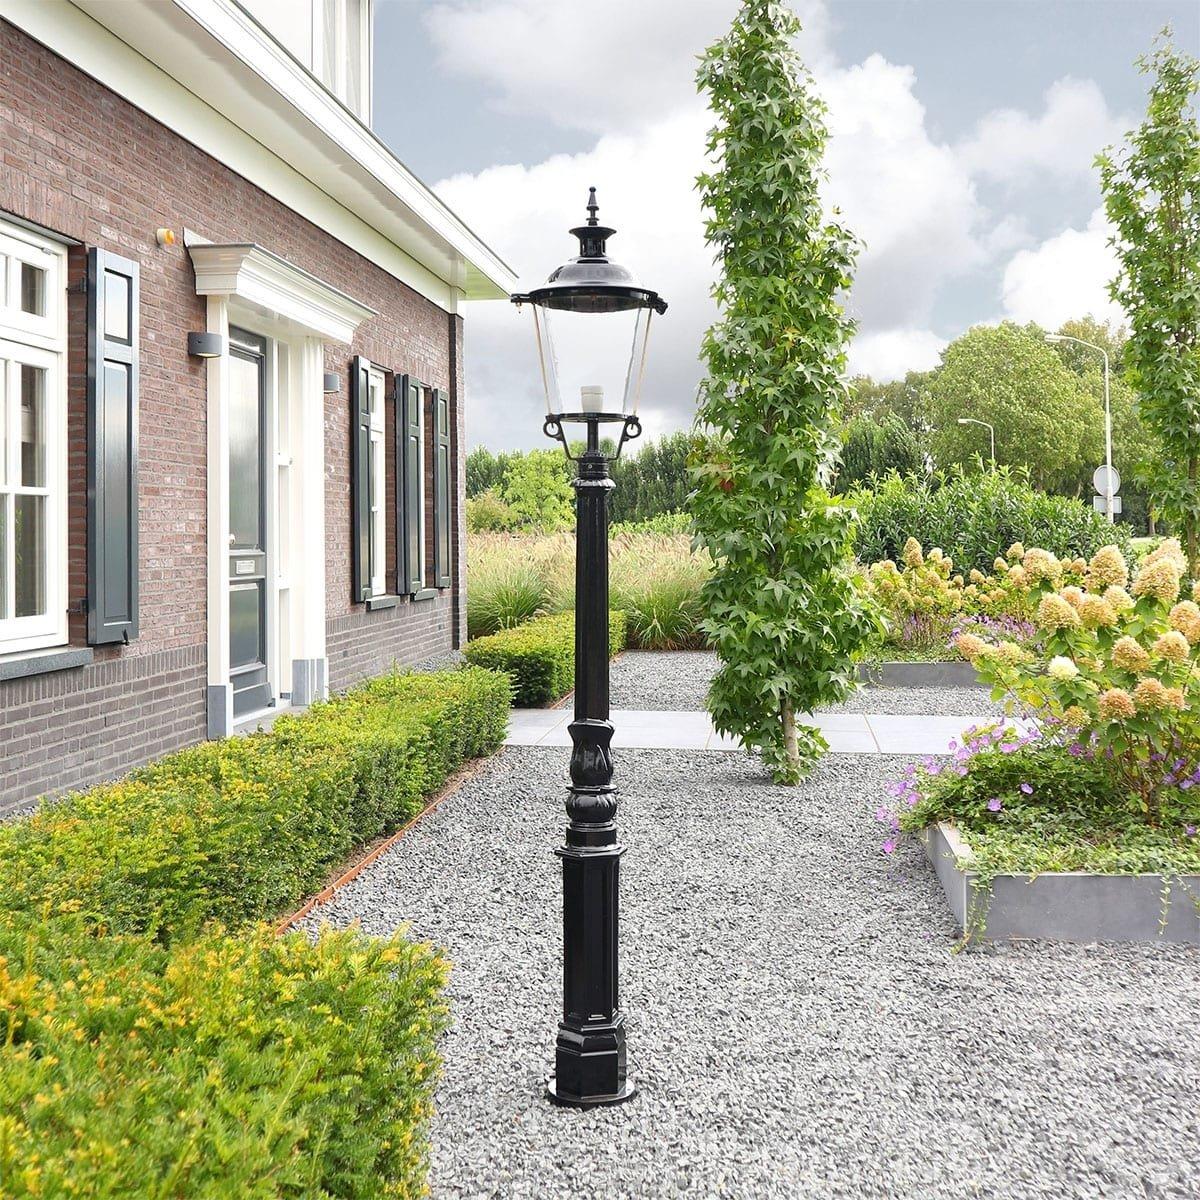 Außenbeleuchtung Klassisch Ländlich Laterne Lampe stehend Beusichem - 195 cm